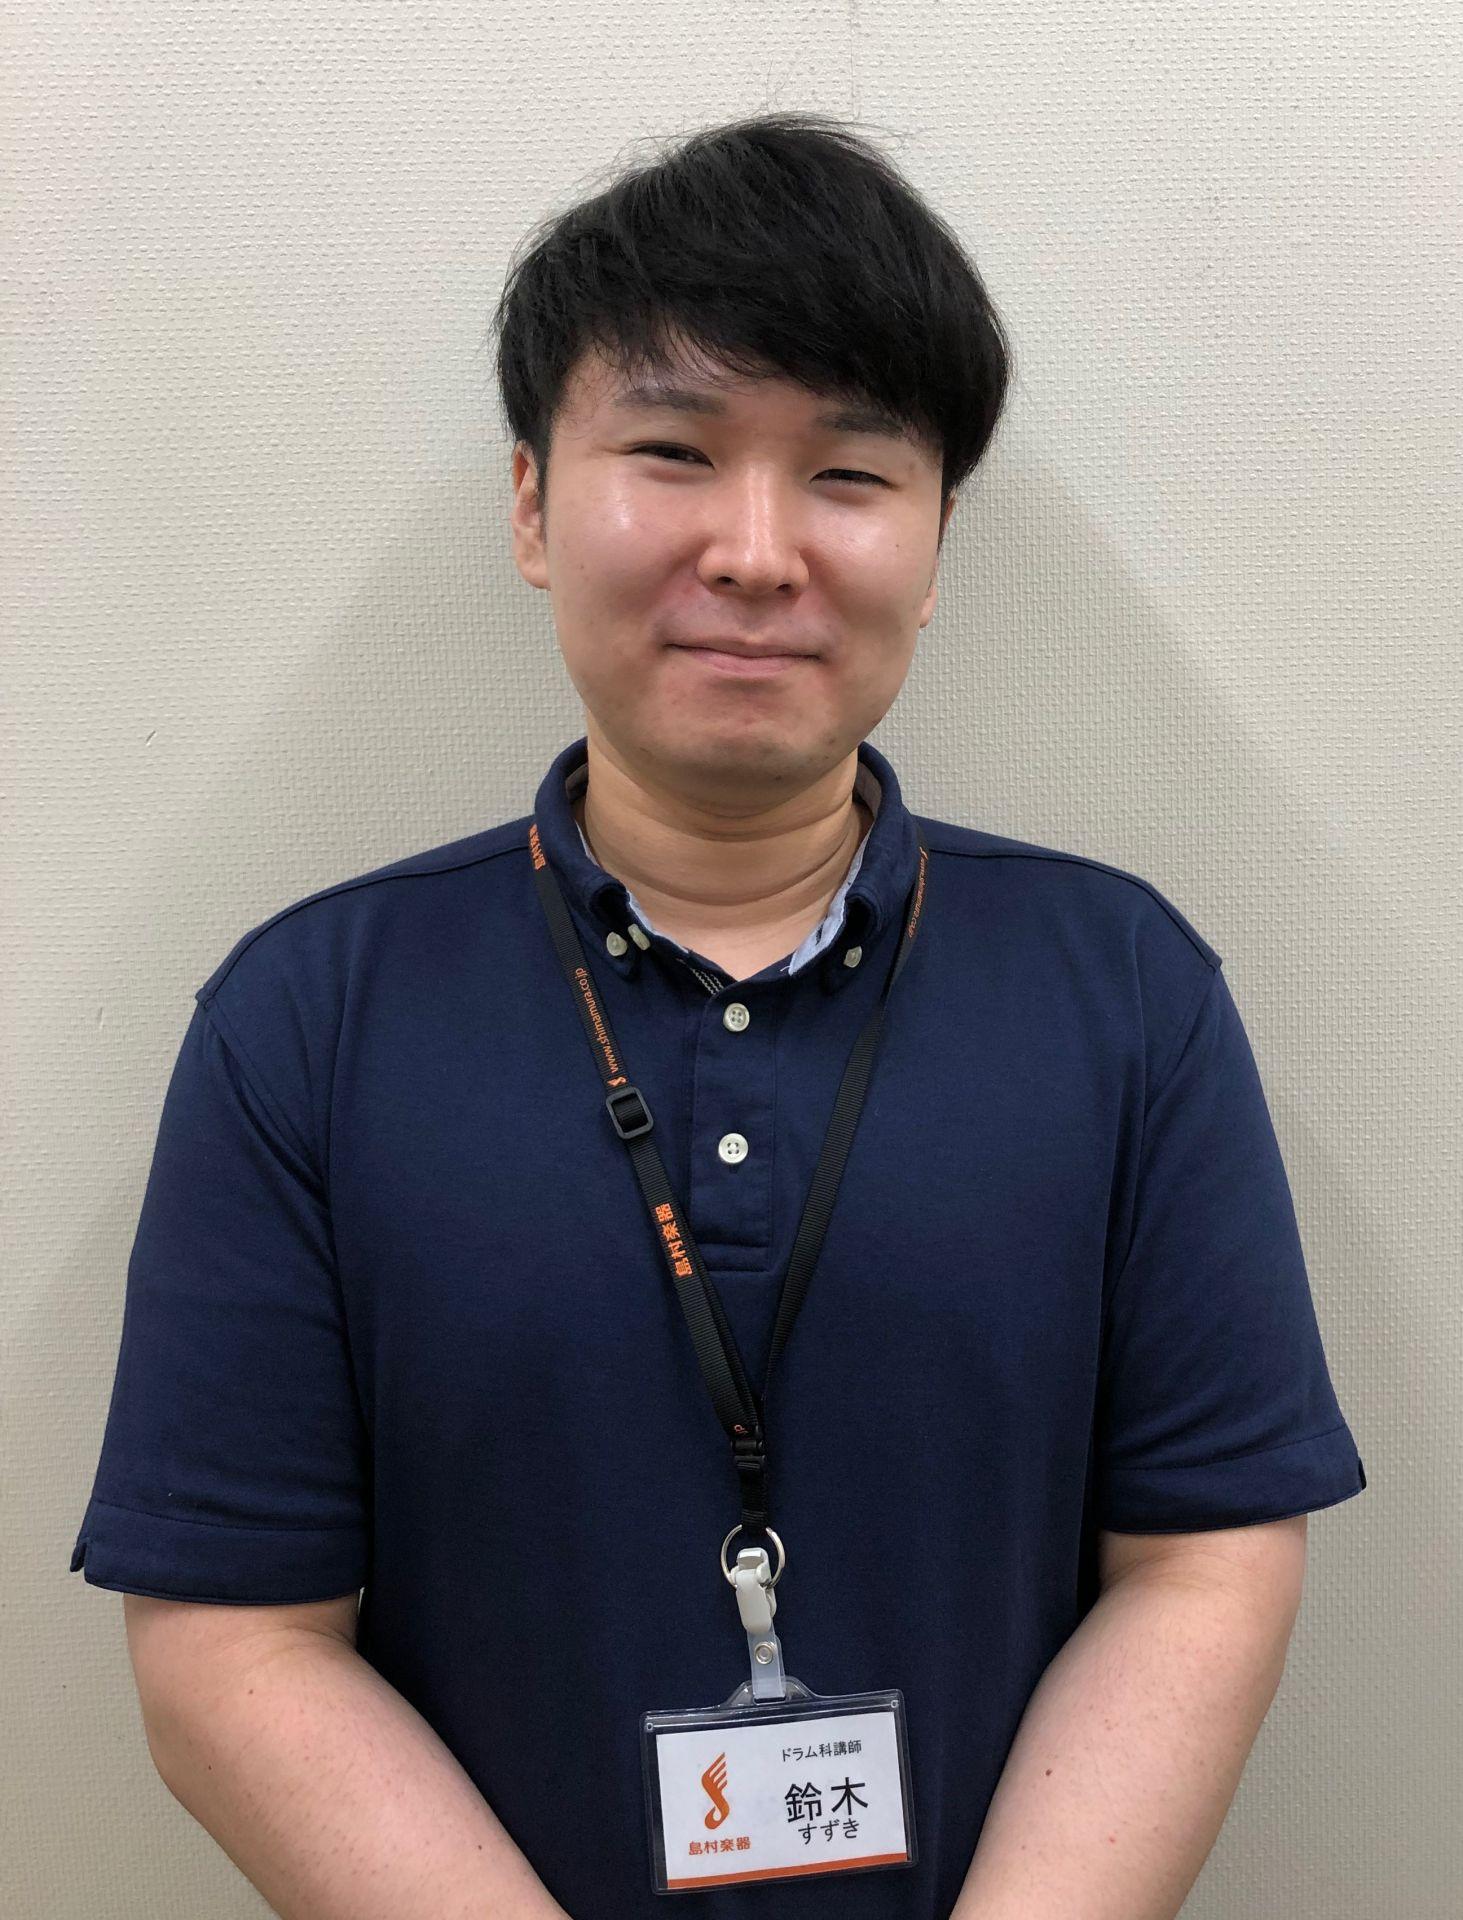 ドラム教室講師鈴木匠